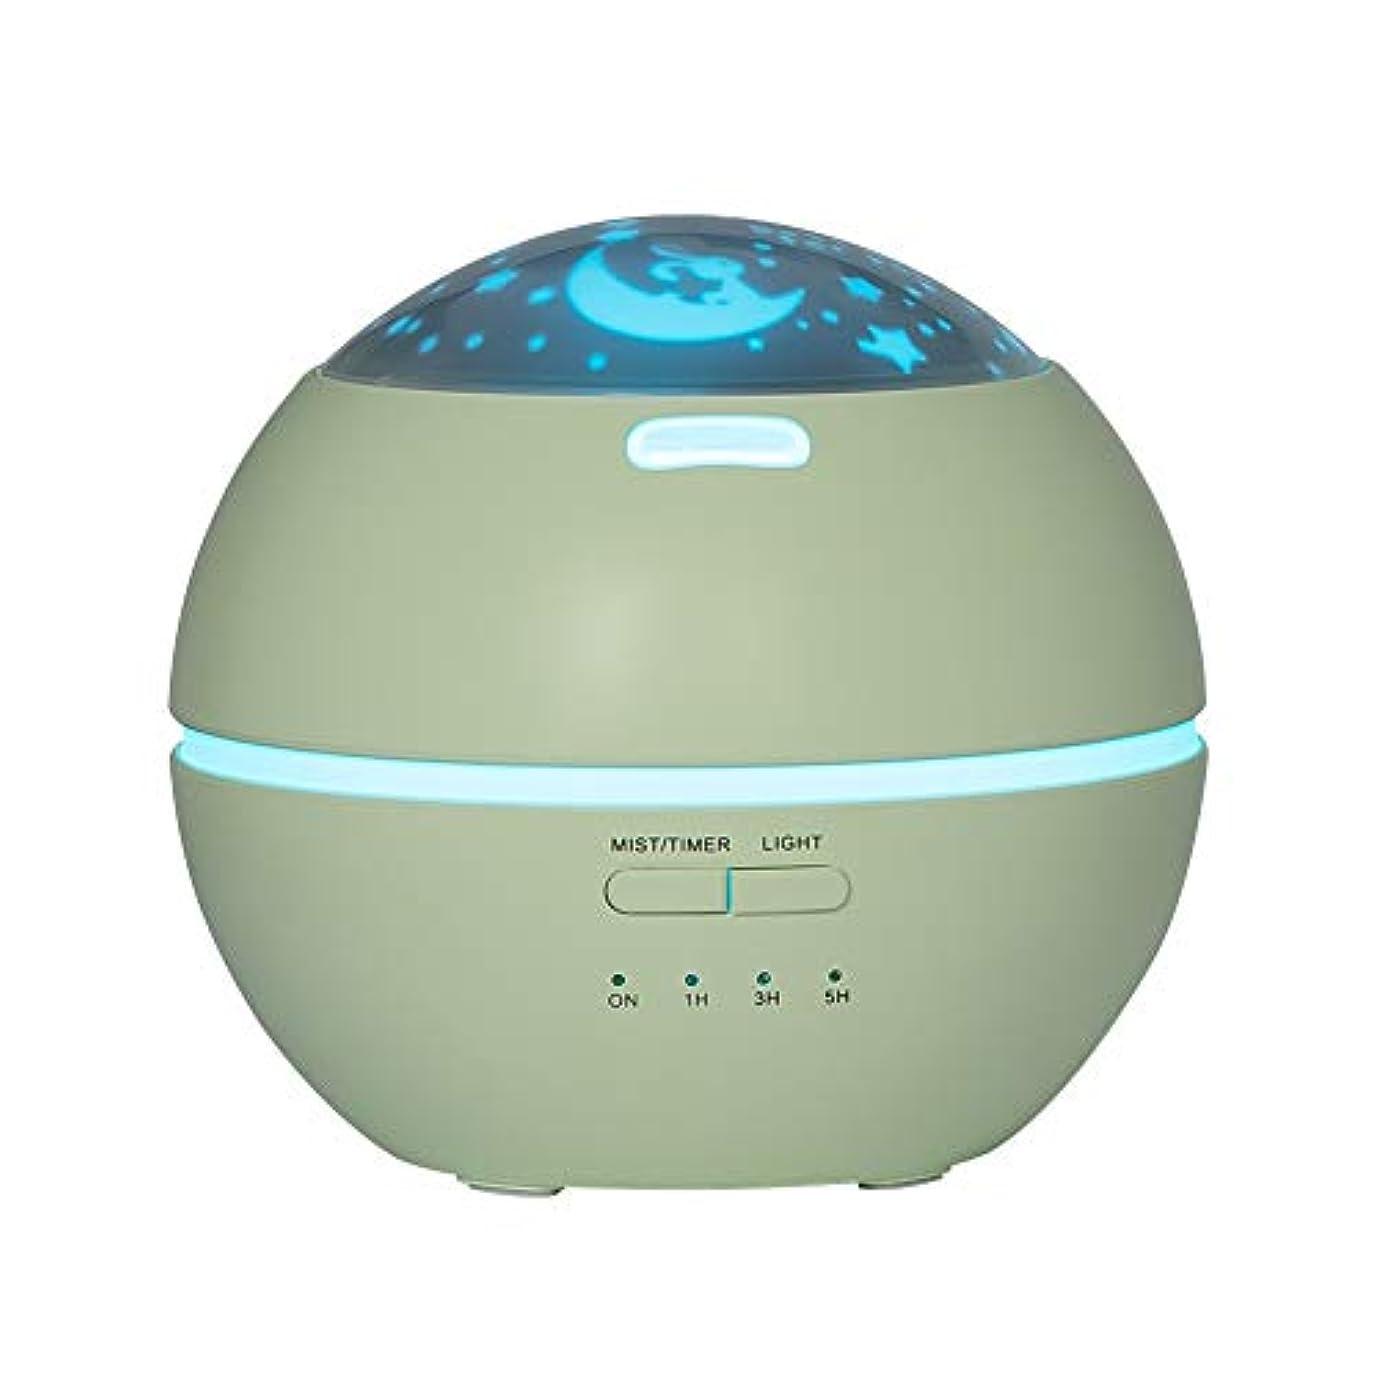 ファンシースティーブンソン確認LIBESON 加湿器 卓上 超音波式 アロマディフューザー 8色LEDライト変換 超静音 ミス調整可能 時間設定タイマー機能付き 空焚き防止機能搭載 アロマ加湿器 ホワイト150mL (グリーン)